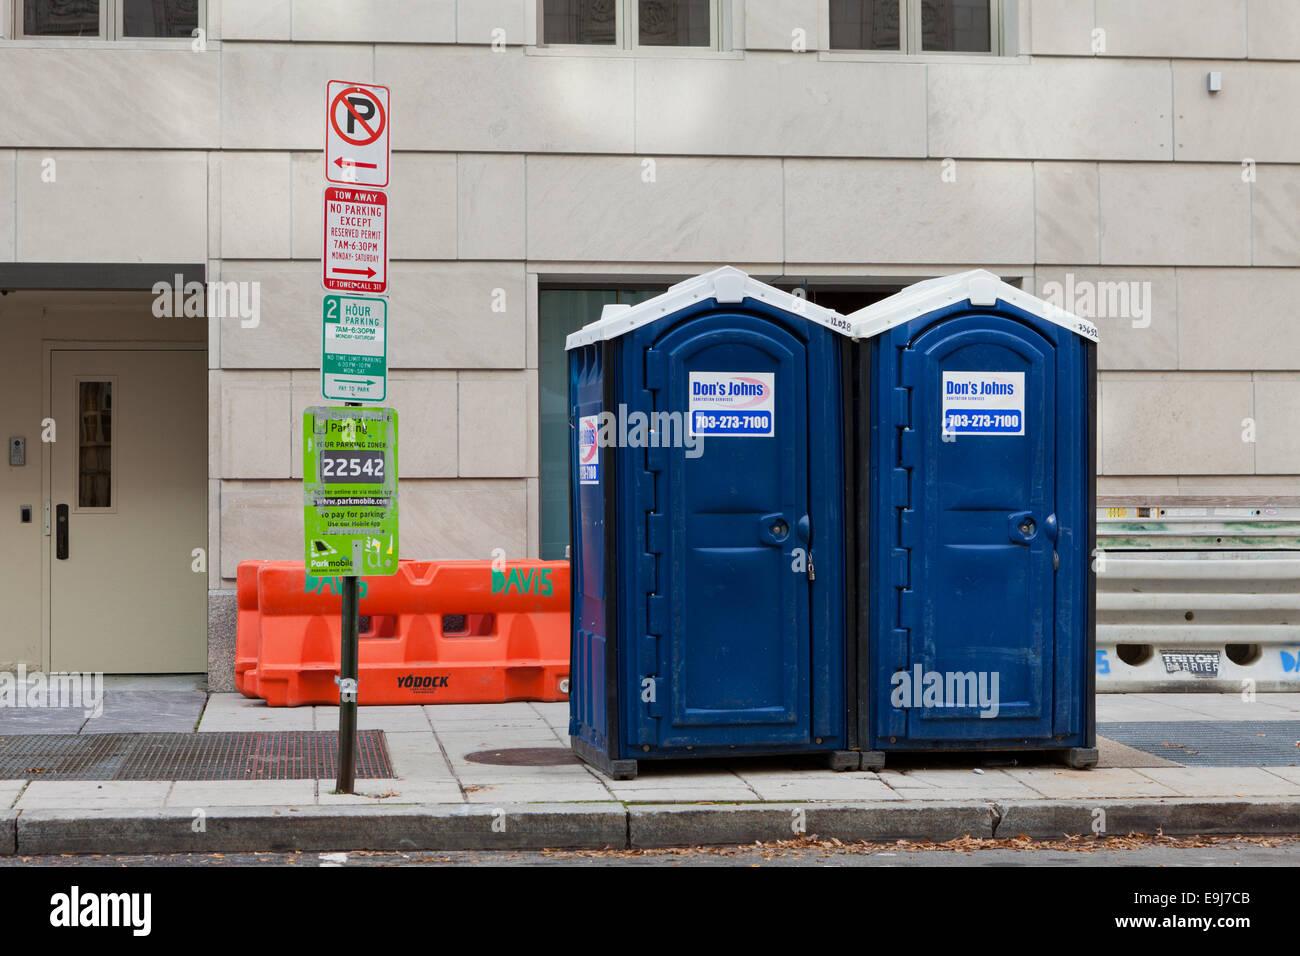 Portable toilets on sidewalk - USA Stock Photo